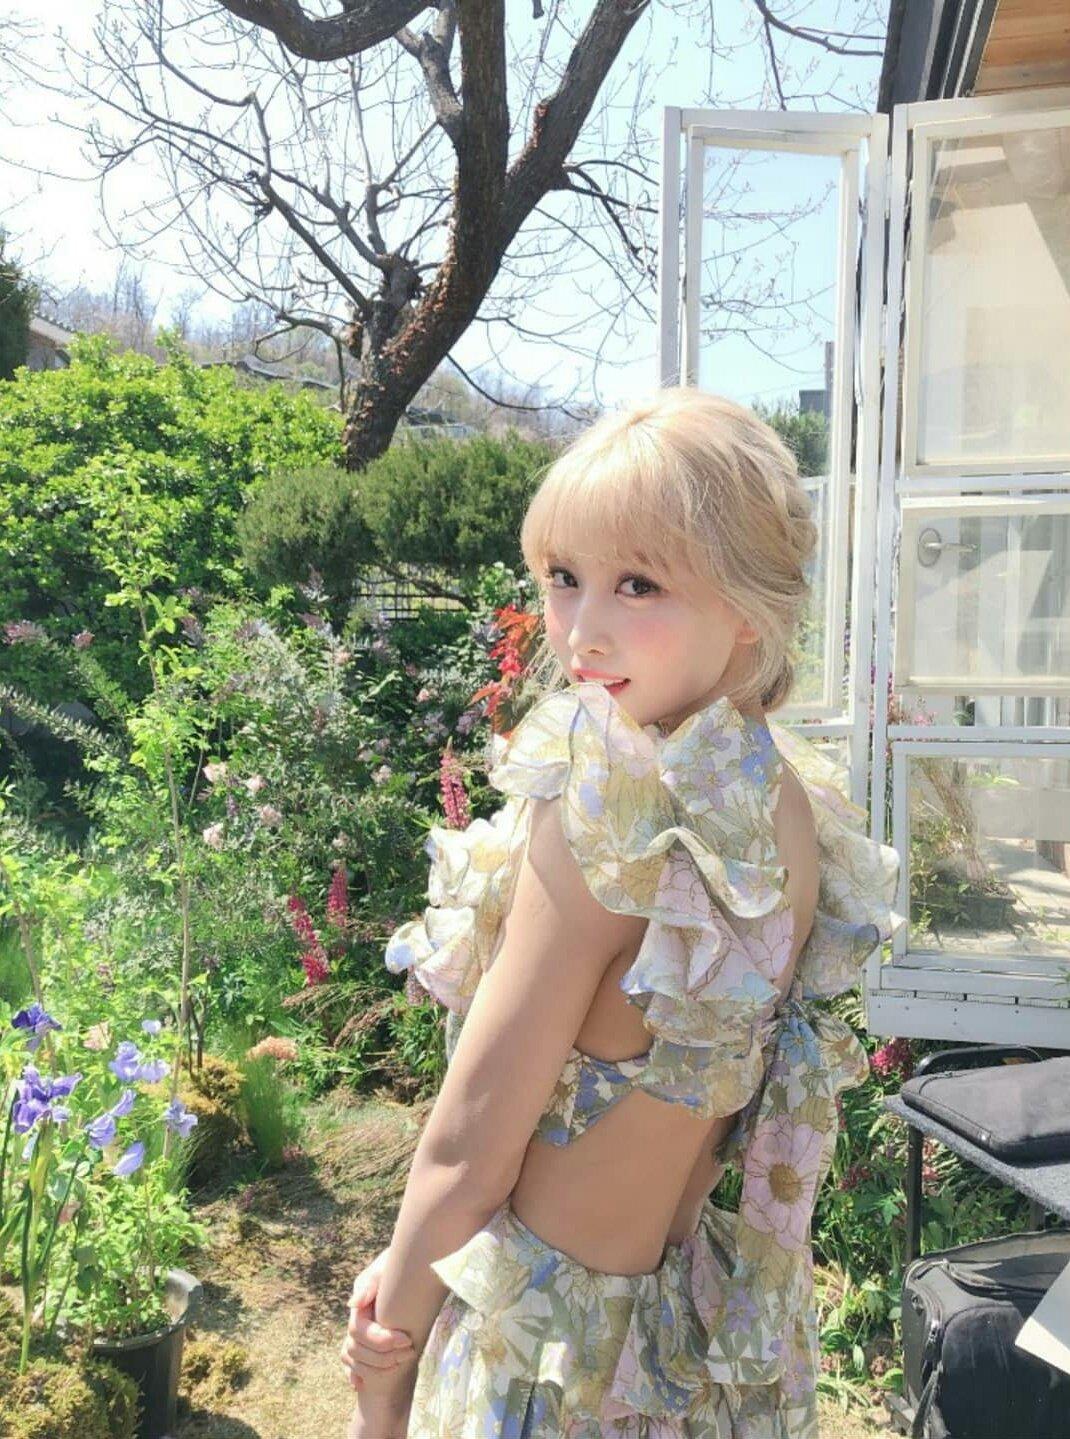 Idol Kbiz so kè cực gắt khi diện đồ hở lưng: Jisoo kín nhất BLACKPINK, Irene – Yoona cạnh tranh ngôi nữ hoàng - ảnh 9